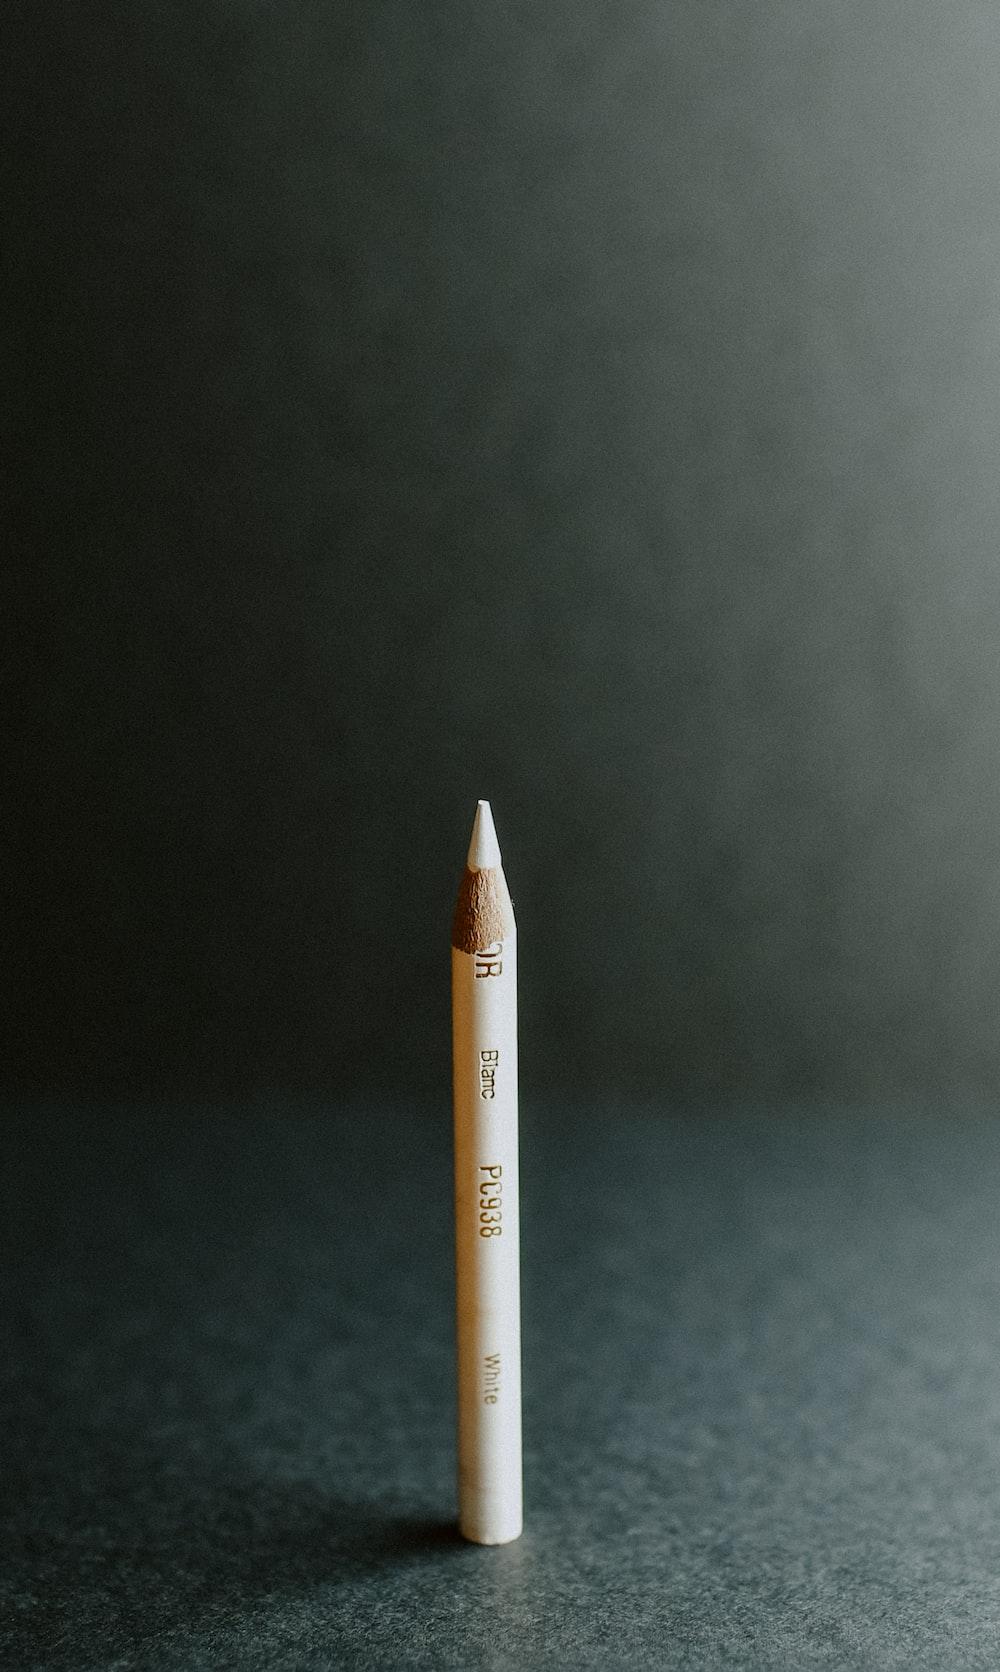 white and gray pen inside well lit room